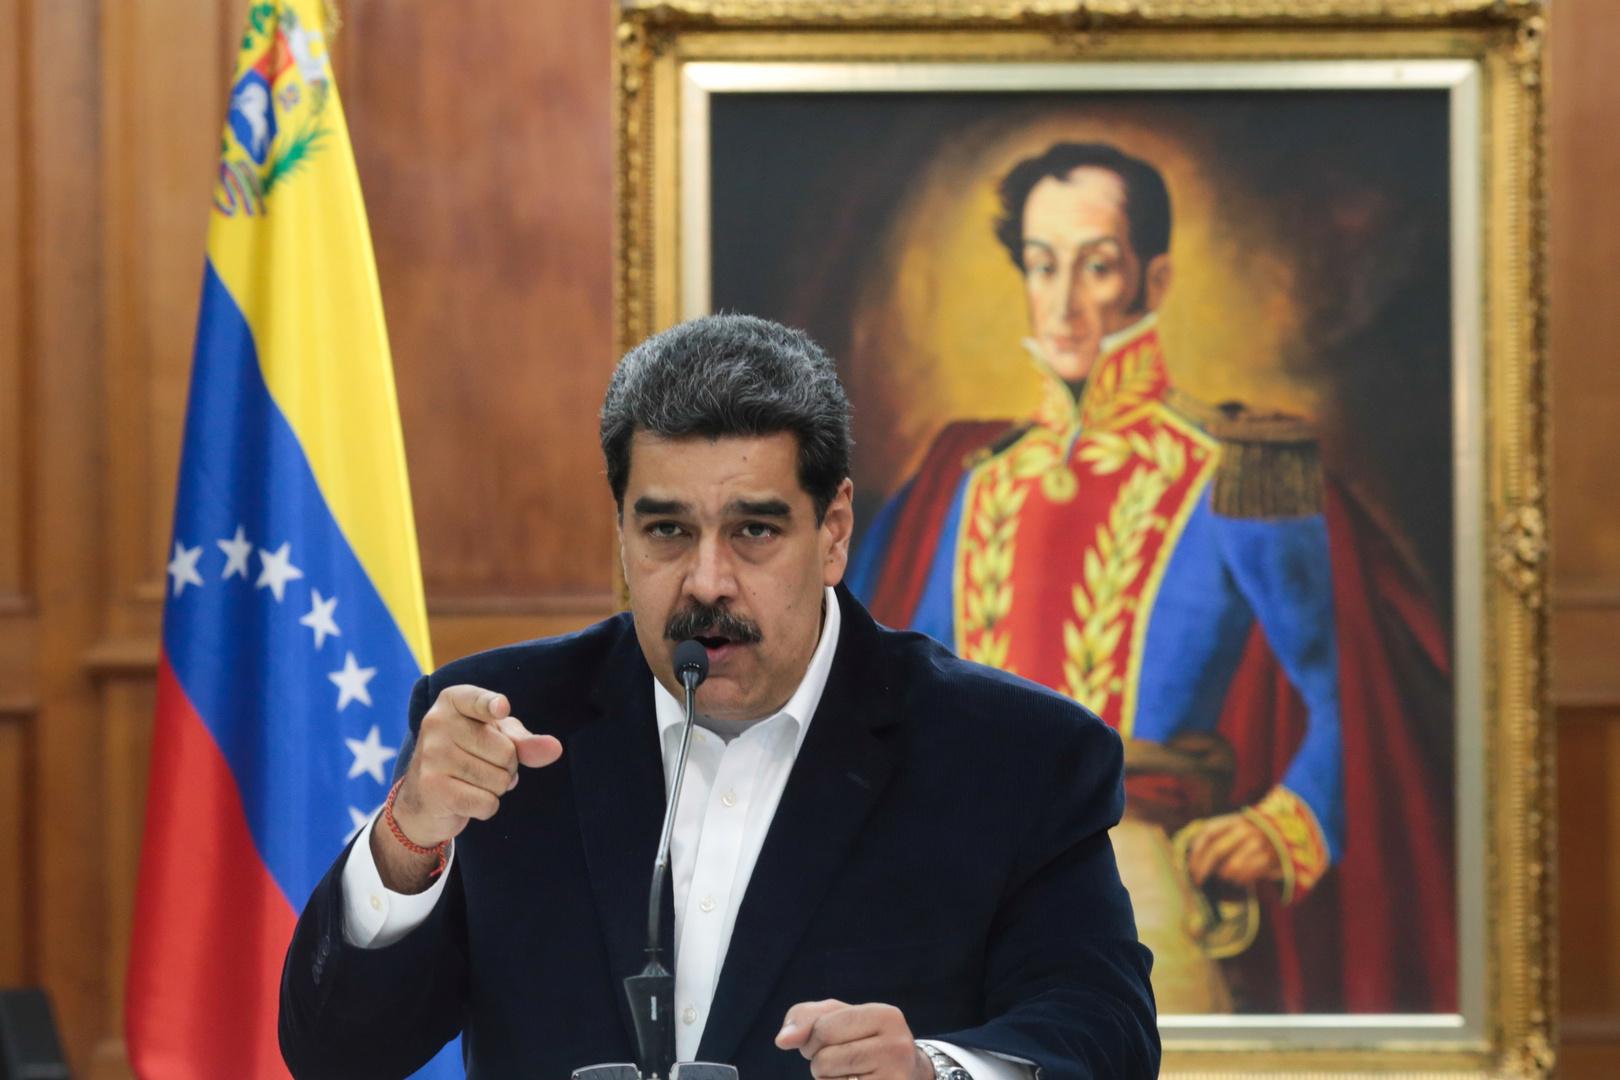 مادورو يعلن وصول آلاف الجرعات من الأدوية الروسية ضد كورونا إلى فنزويلا